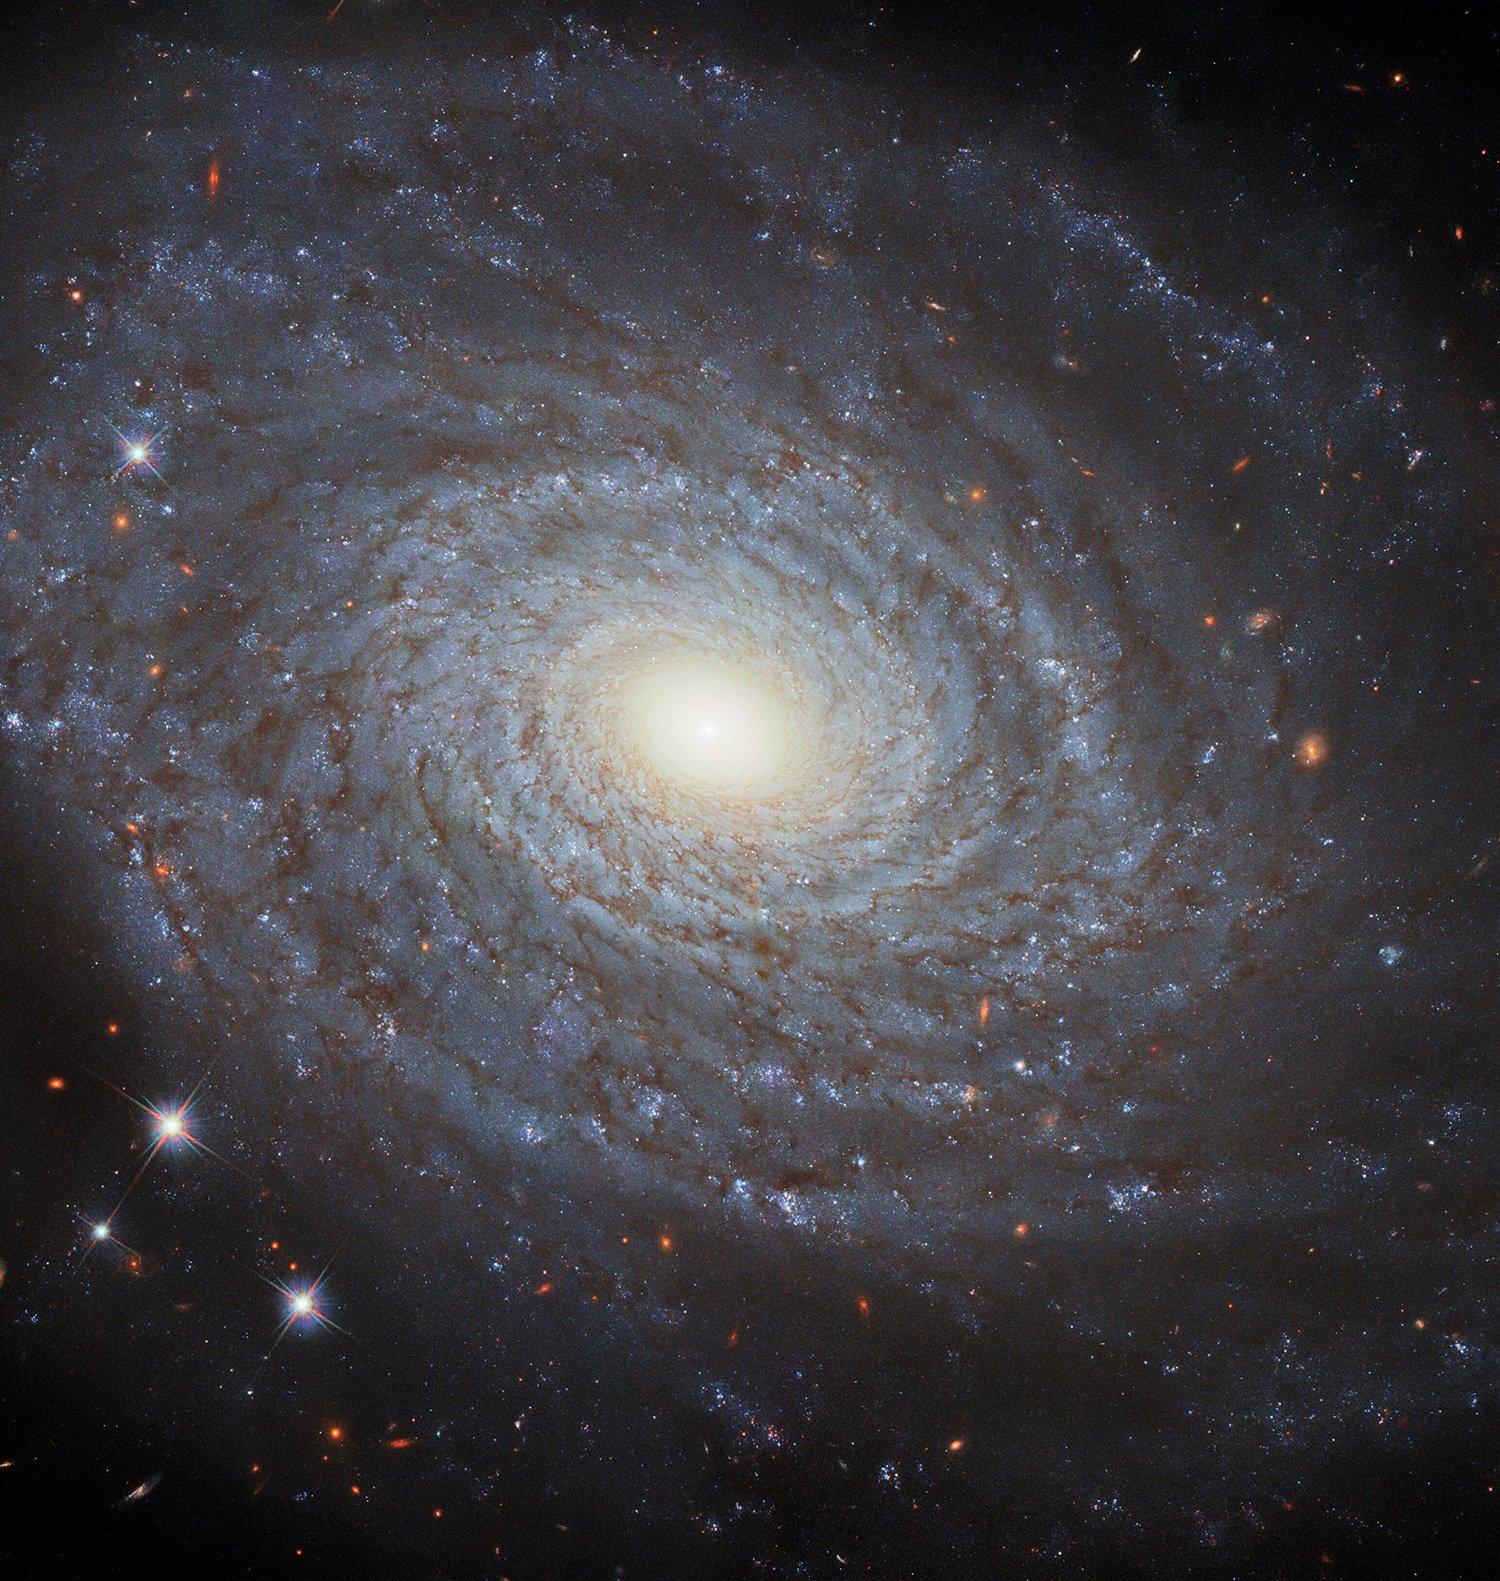 جزئیات کهکشان مارپیچی NGC 691 از نگاه هابل